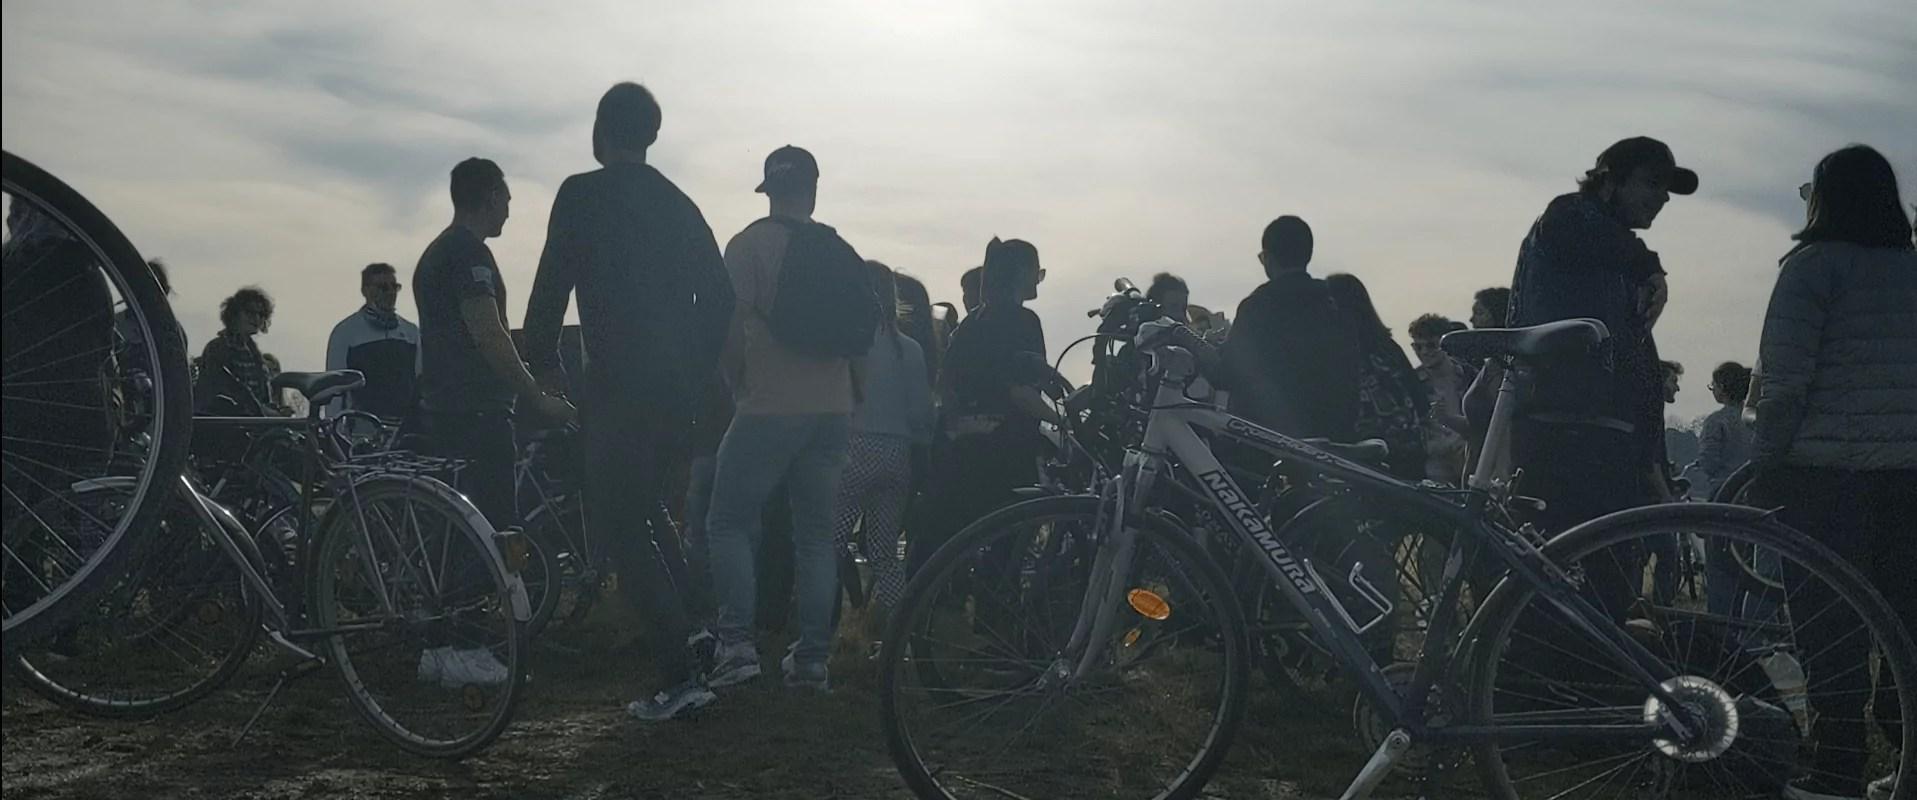 L'organisateur de la bike parade arrêté pour manifestation non-déclarée